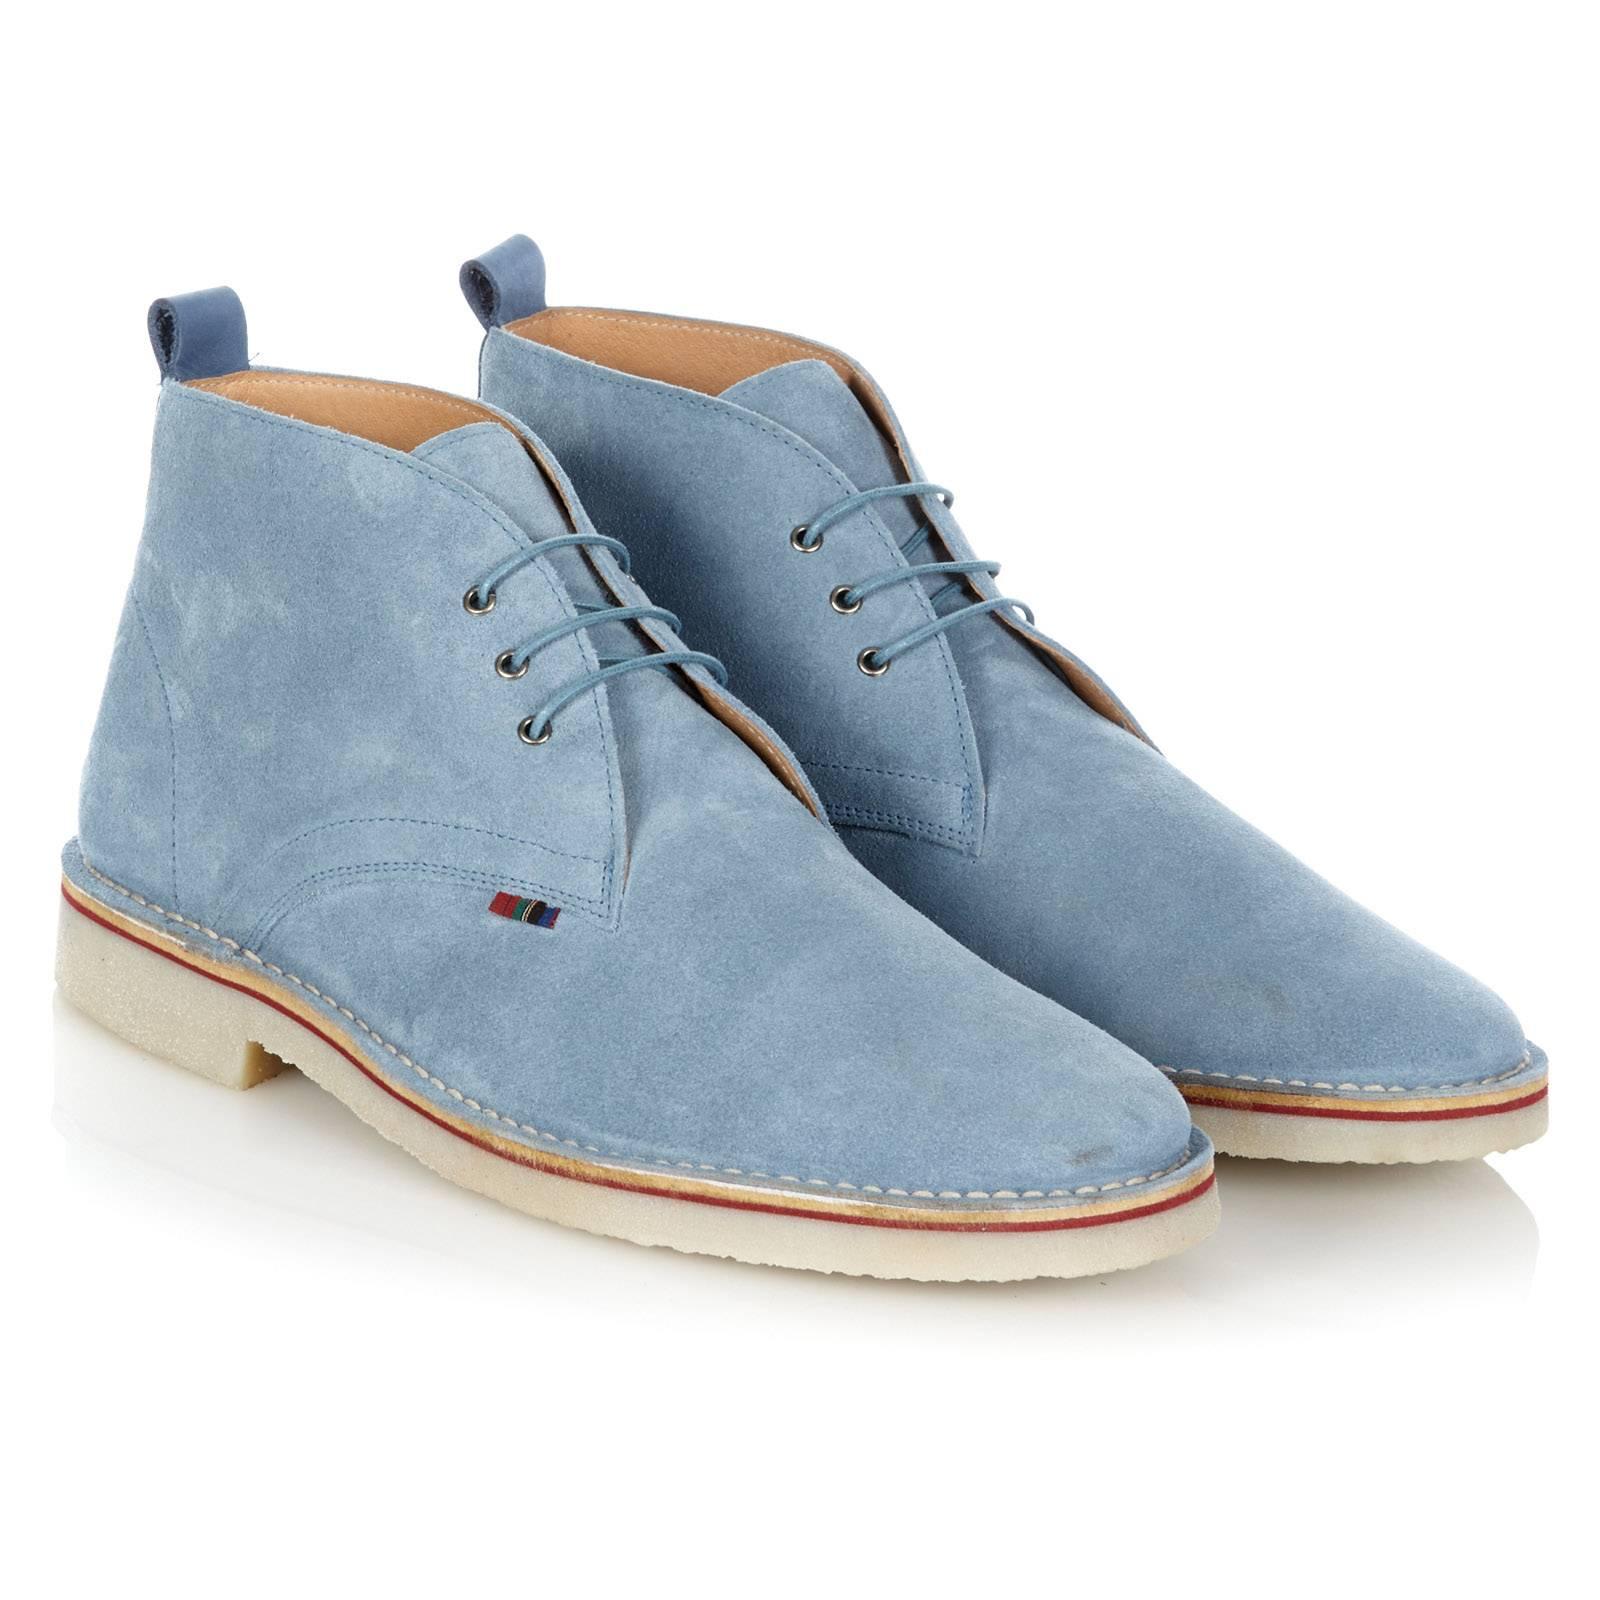 Дезерты HanoverCORE<br>Легендарная, родом из 60-х, модель кэжуальных ботинок &amp;amp;quot;Desert Boots&amp;amp;quot; - must-have для любого casual модника и основа современного повседневного стиля. Пришедшие в моду из гардероба Британских военных времен Второй мировой войны, в 60-х Дезерты стали модной иконой в задававших тон субкультурах и европейских творческих кругах. С тех пор эти ботинки не сходят со страниц fashion журналов, а их актуальность сегодня не вызывает сомнений. &amp;lt;br /&amp;gt;<br>&amp;lt;br /&amp;gt;<br>Произведенные в Испании из высококачественной замши в лучших классических традициях стиля, Дезерты Merc комфортны, долговечны и поистине универсальны. Четкое соответствие заявленным размерам - важное дополнение к преимуществам этой модели.&amp;lt;br /&amp;gt;<br>&amp;lt;br /&amp;gt;<br>Desert Boots можно носить с джинсами или чиносами, они прекрасно сочетаются с рубашками-поло, трикотажем и Харрингтонами. Широкая цветовая палитра позволяет подобрать Дезерты Merc в тон верха или на контрасте, в соответствии с последними тенденциями. Фирменная отличительная деталь Дезертов Merc - маленький клетчатый &amp;amp;quot;тартановый&amp;amp;quot; ярлычек справа и тартановая стелька.<br><br>Артикул: 0913210<br>Материал: 100% кожа (замша)<br>Цвет: голубой<br>Пол: Мужской